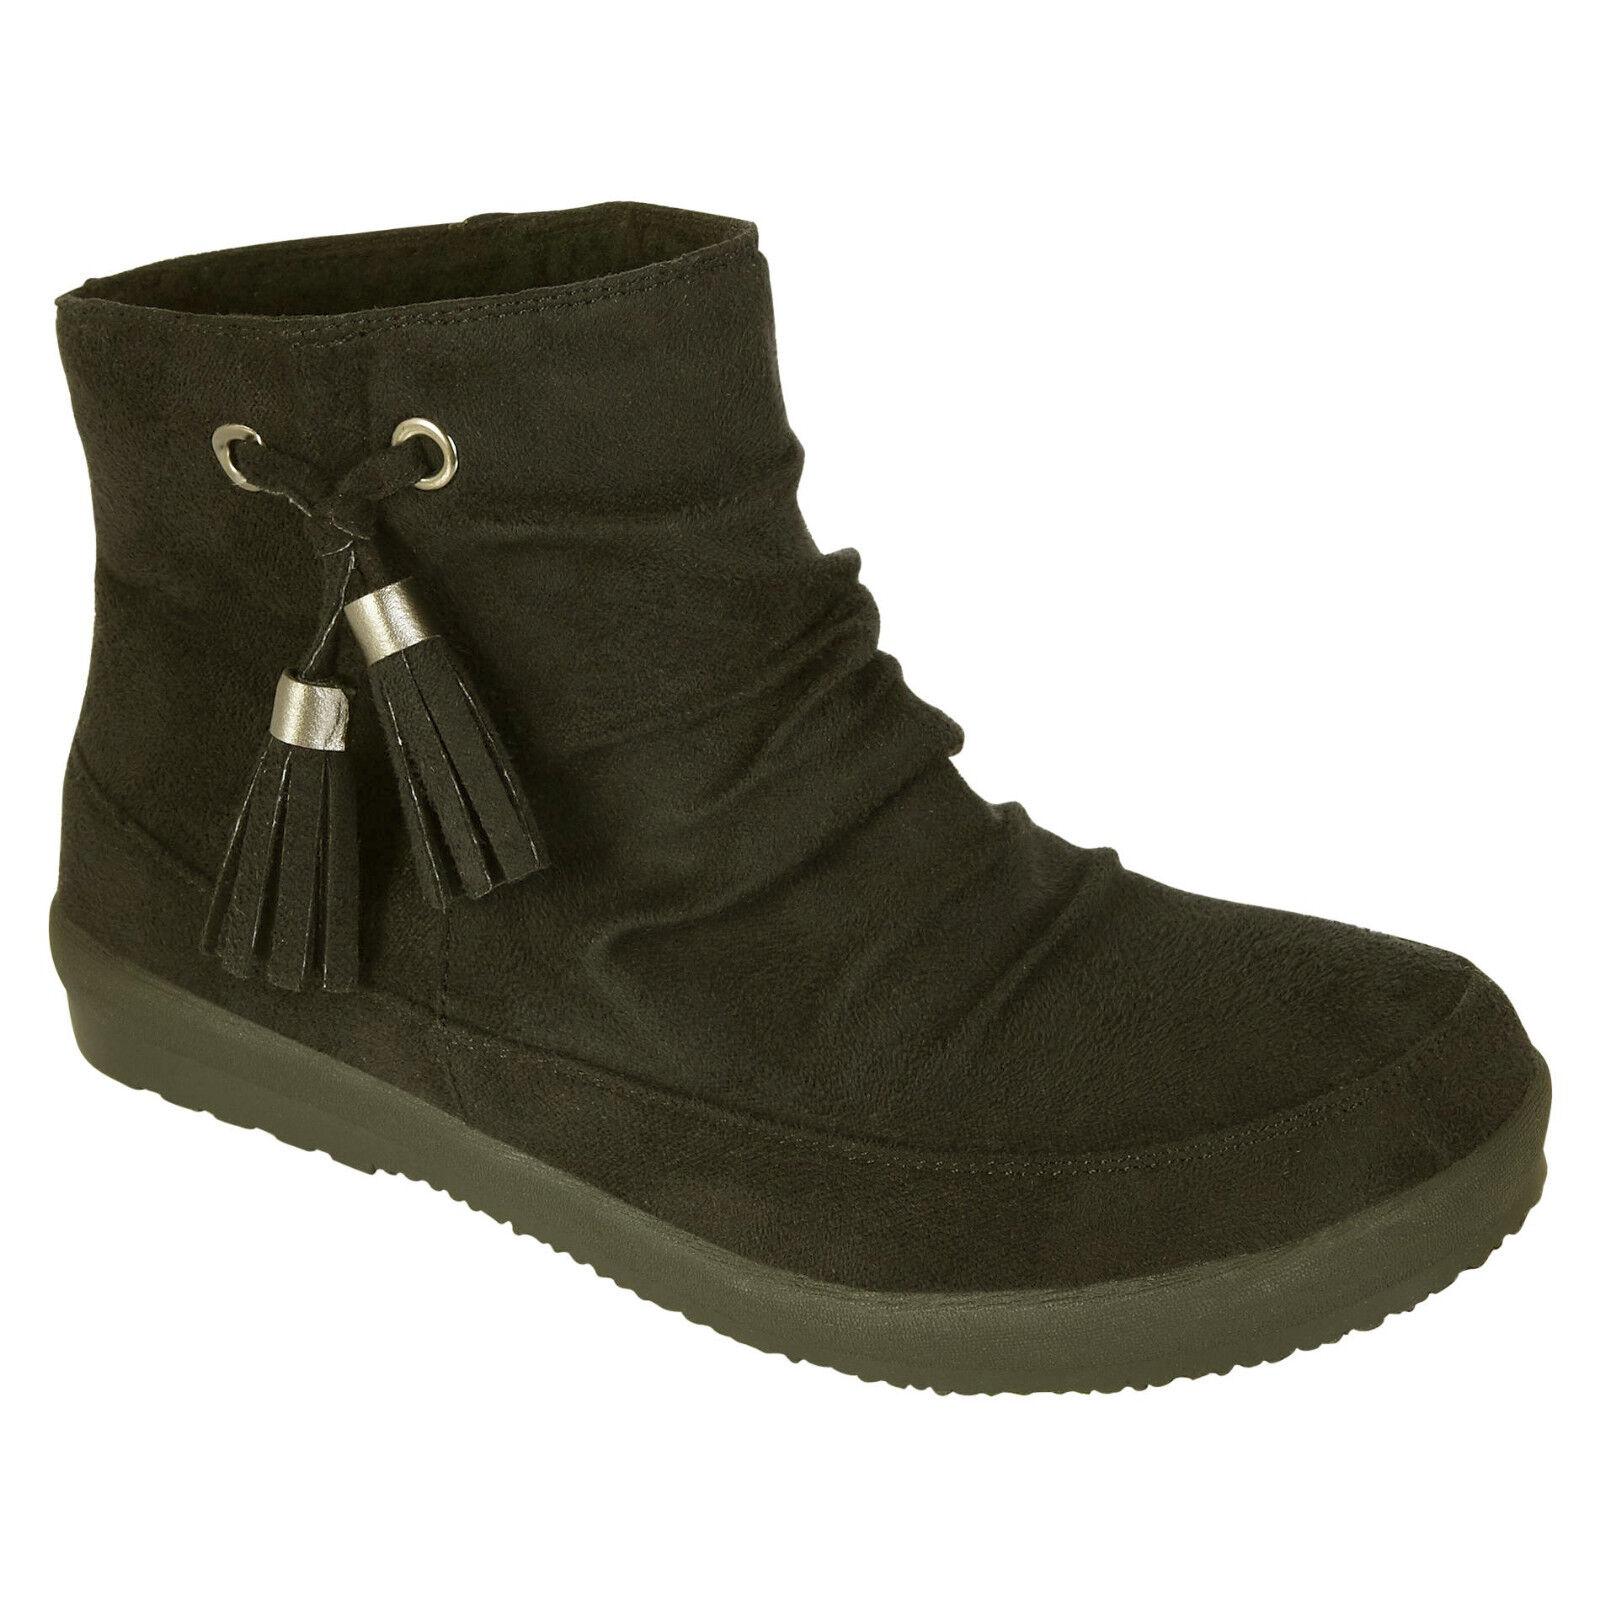 NEW Women's UNIONBAY LIZ Black Faux Suede/Fur Winter Slip On Boots Shoes